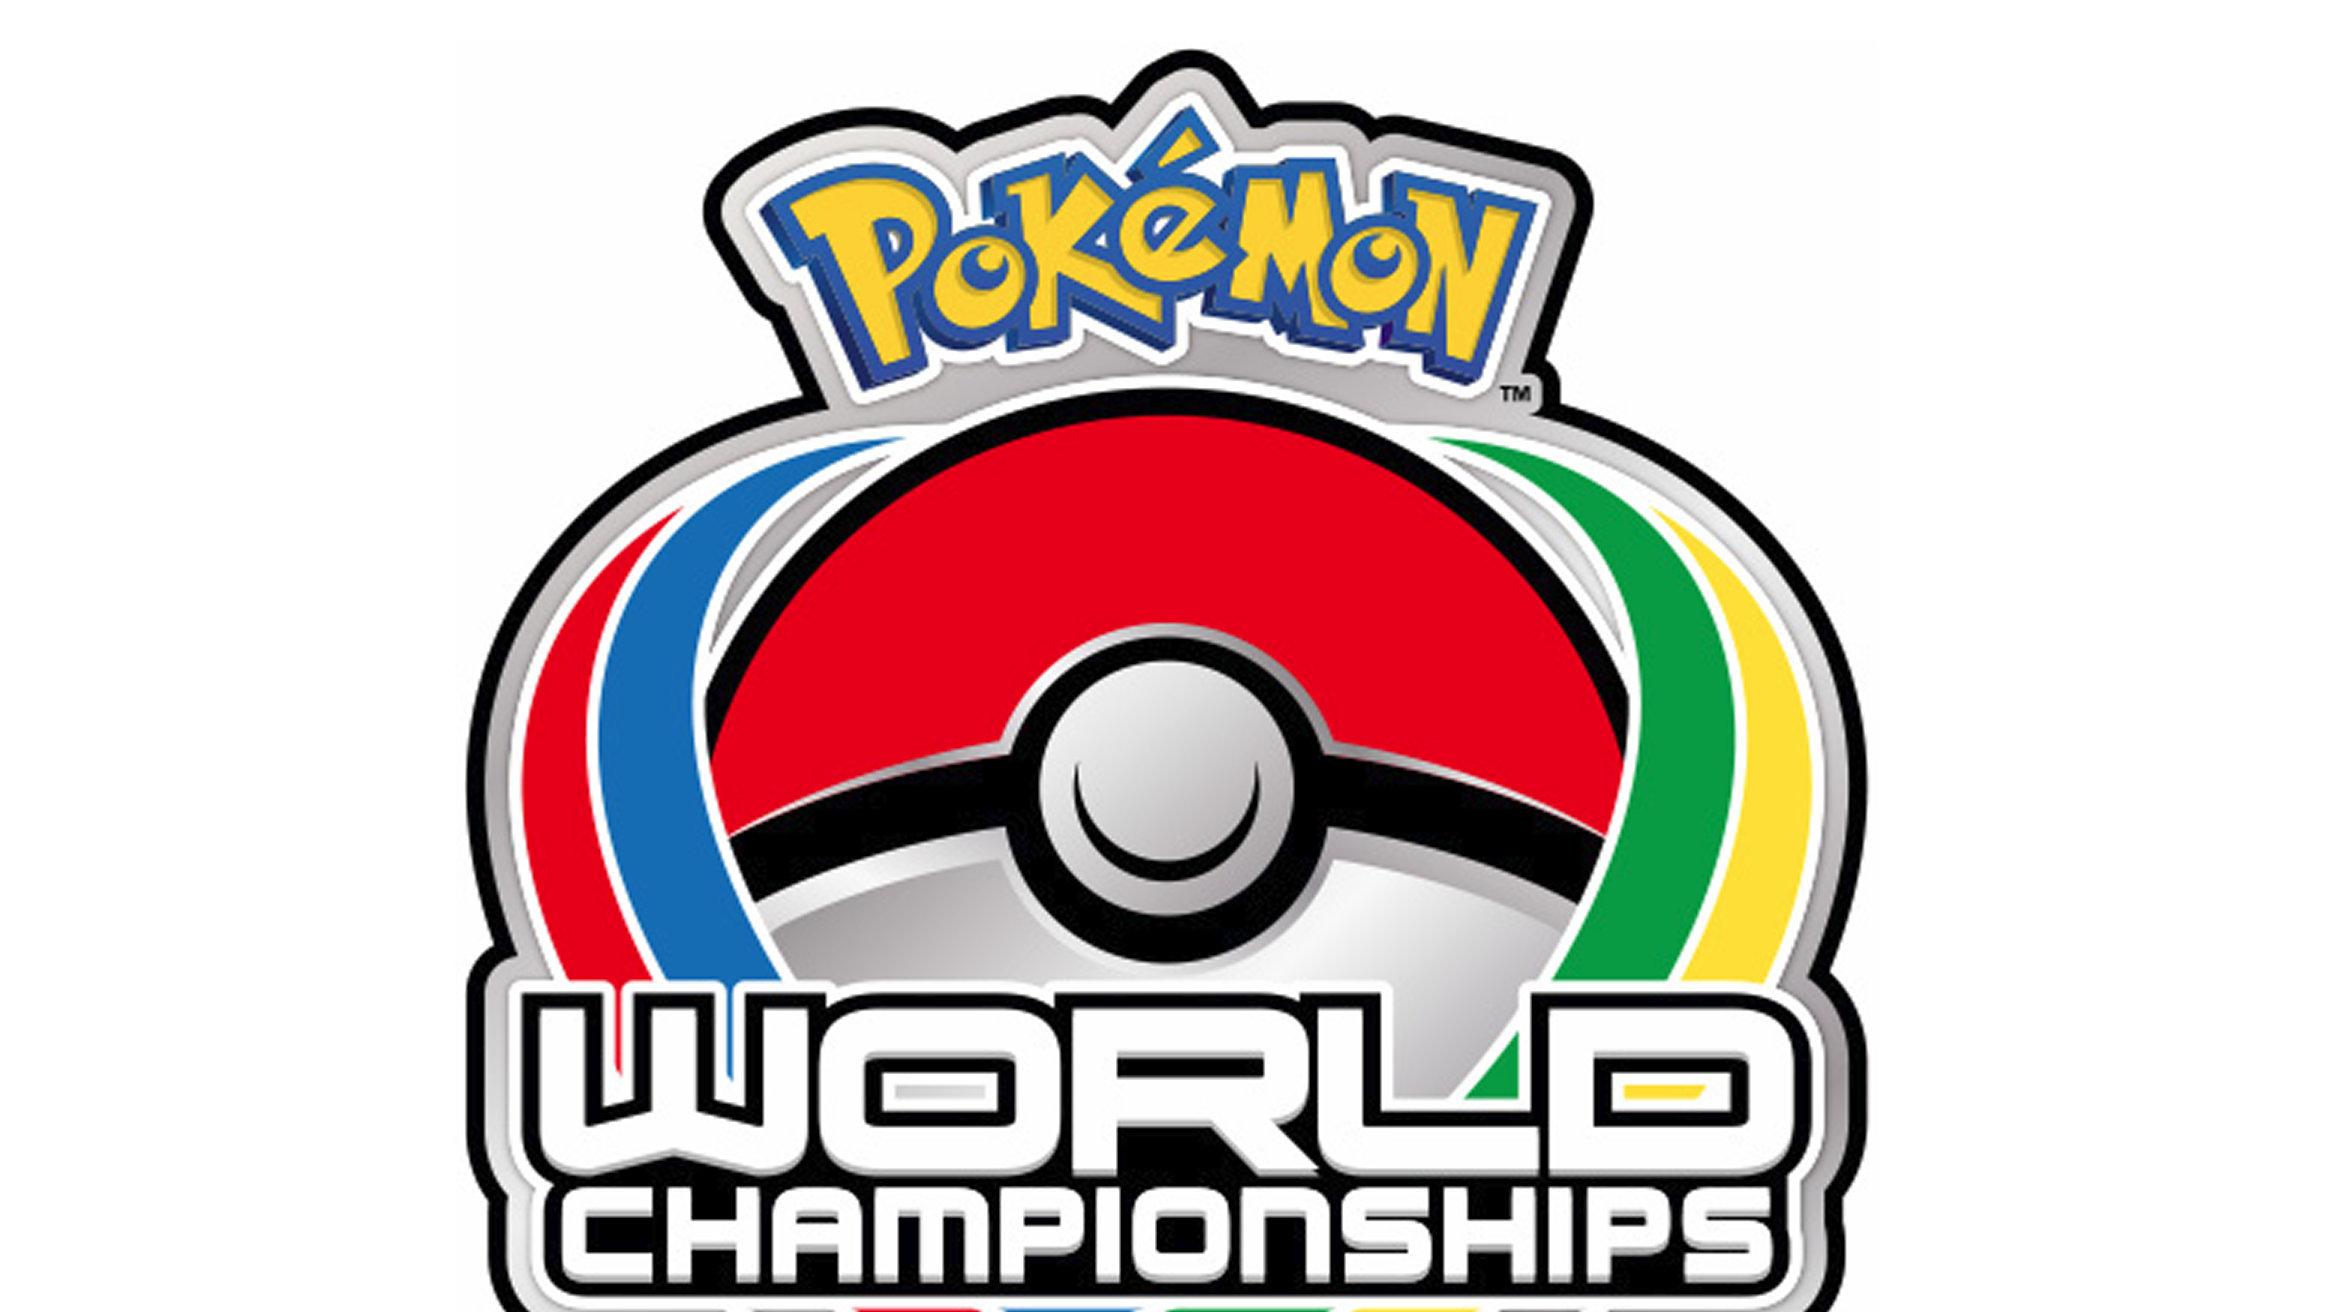 ポケモン、ワールドチャンピオンシップス2020年を中止